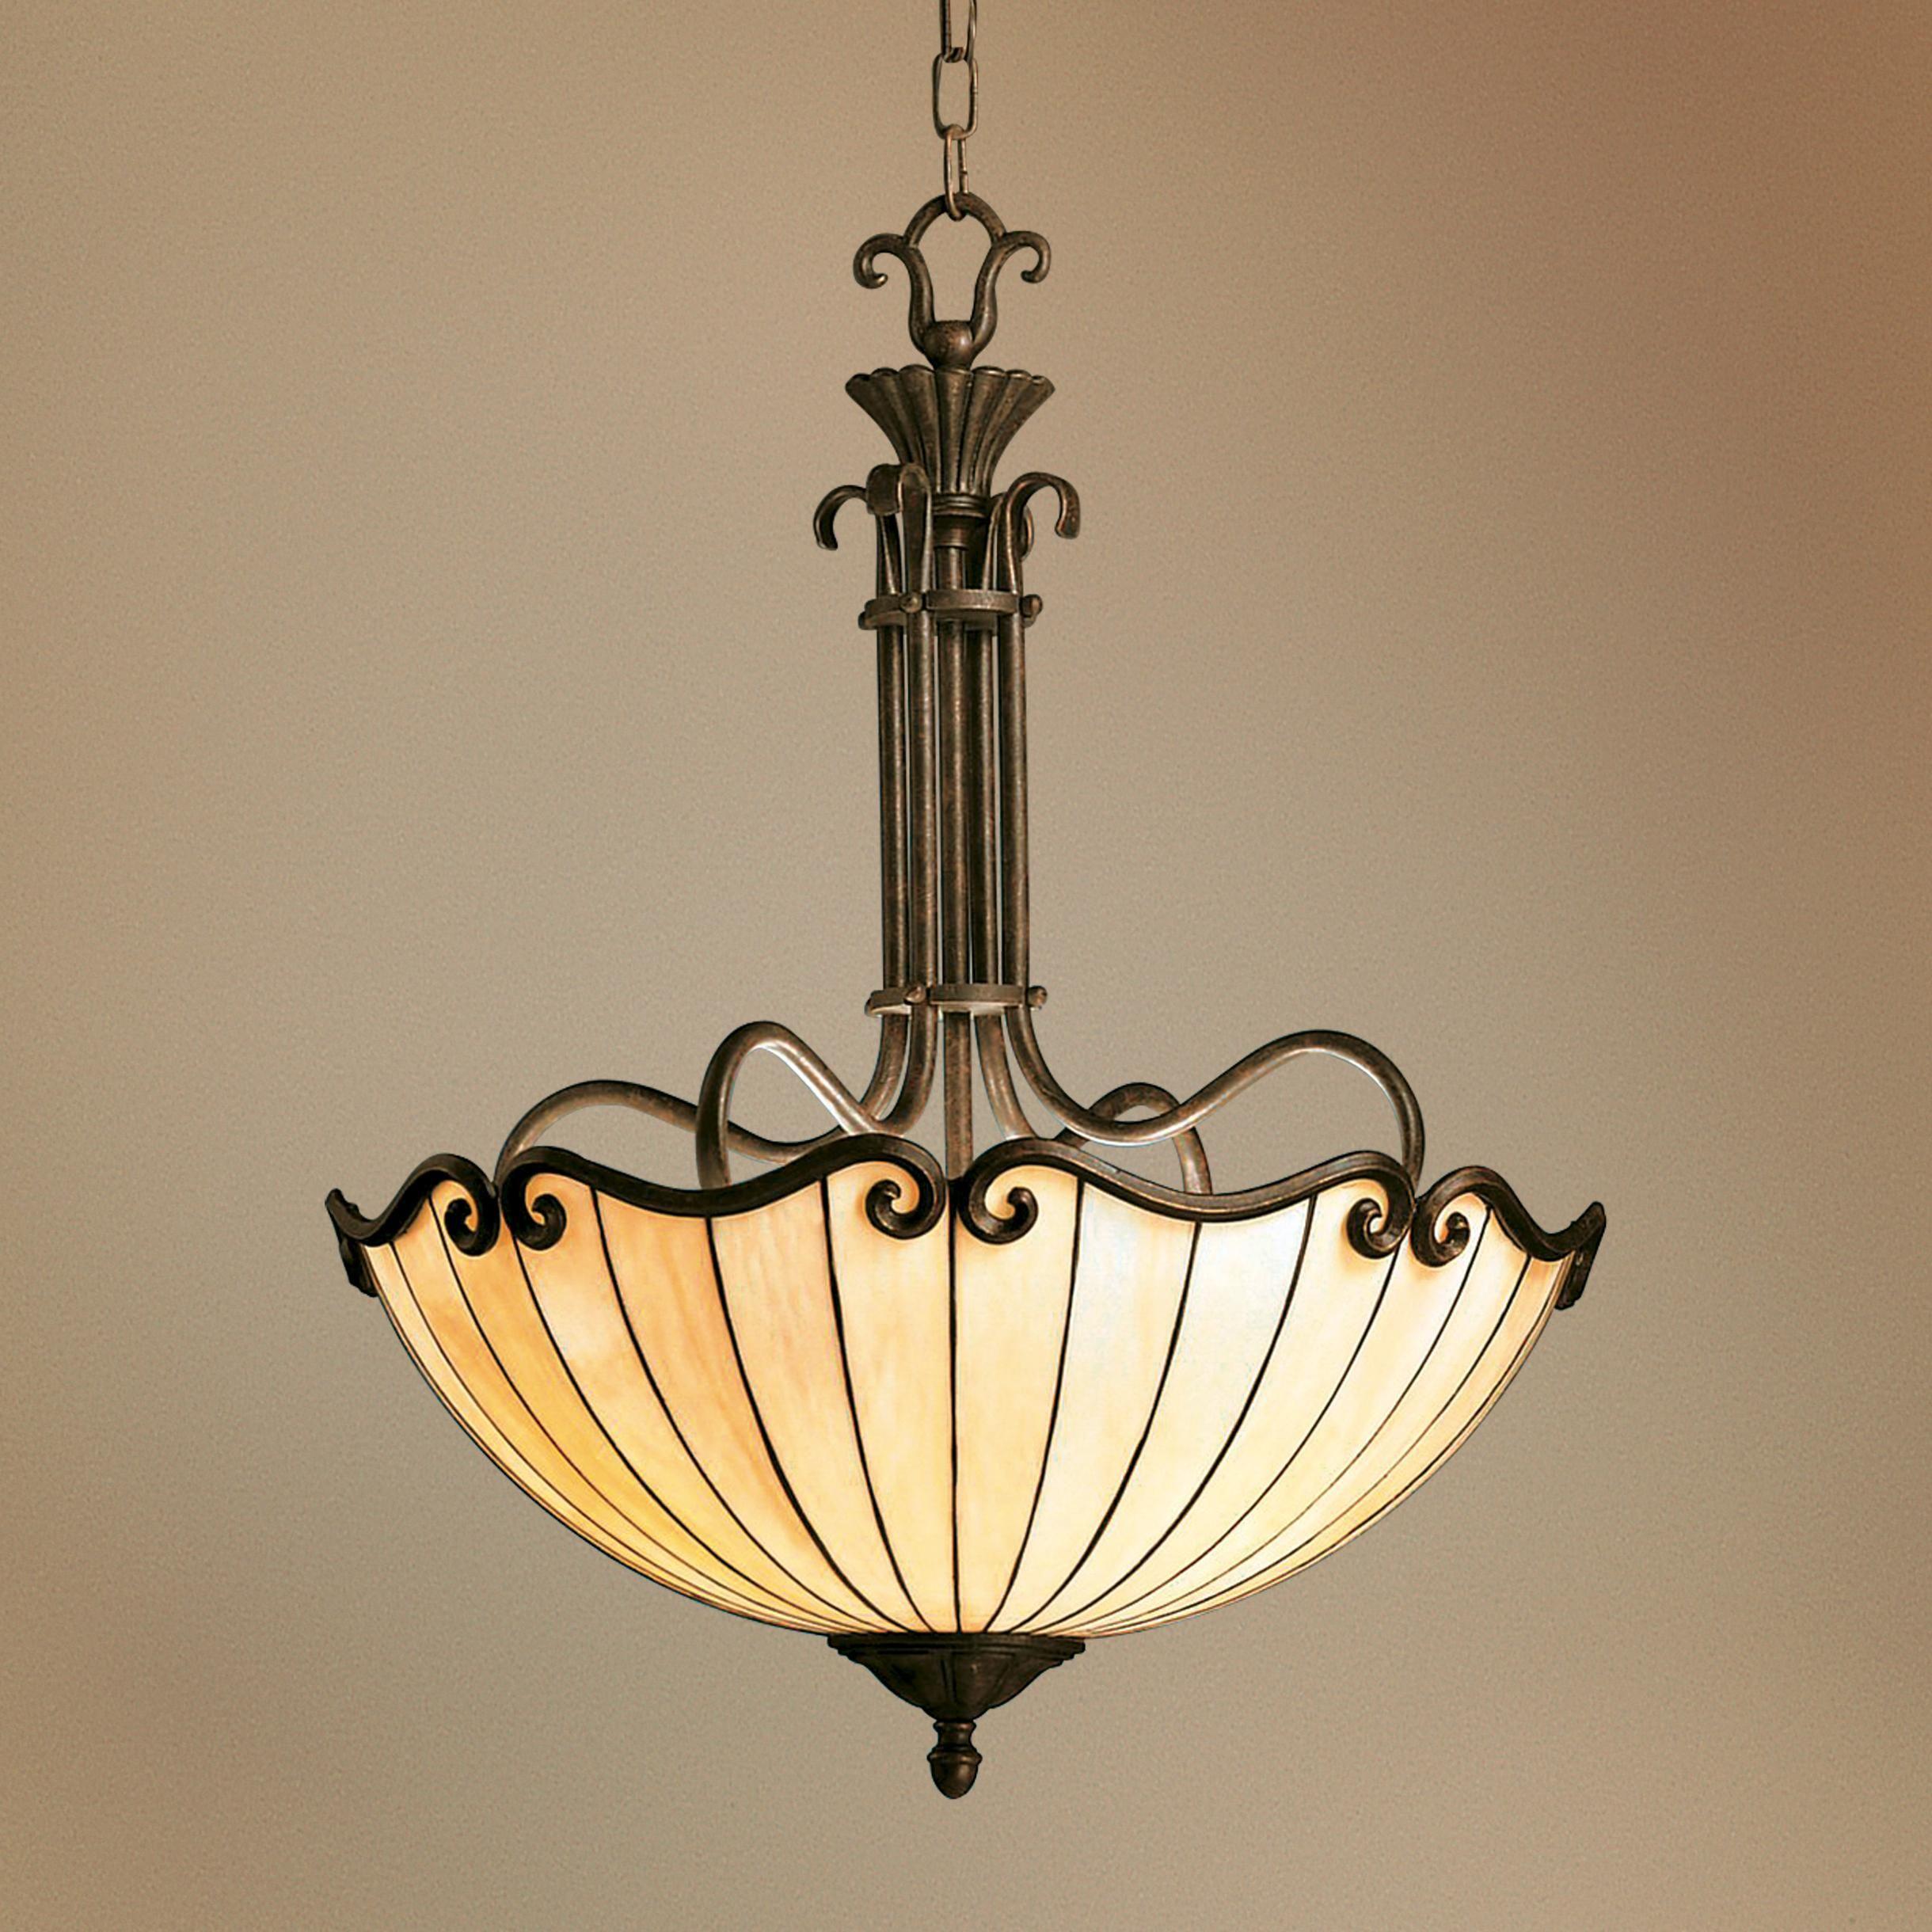 Art Nouveau Tiffany Style Bowl Chandelier Antique Light